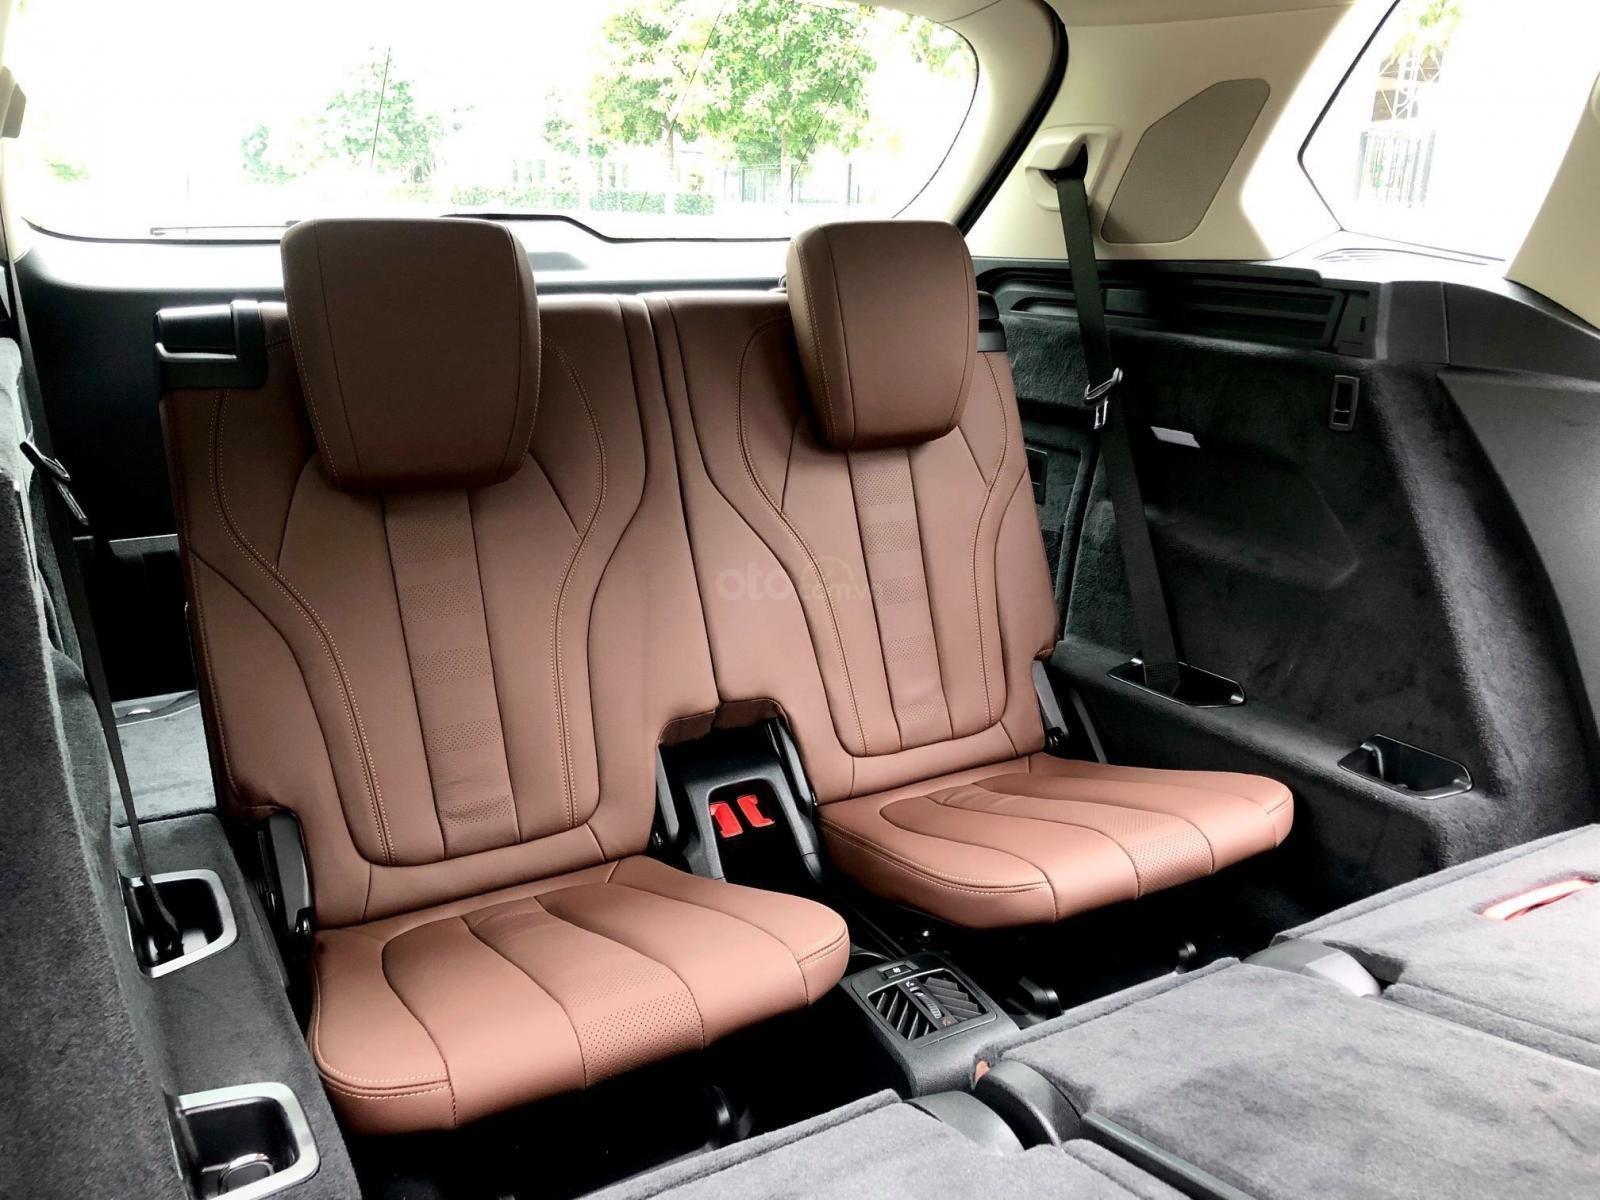 BMW X5 Xdrive 40i 2019 SUV thể thao, mạnh mẽ, màu trắng, xe nhập khẩu Đức 5+2 chỗ (7)